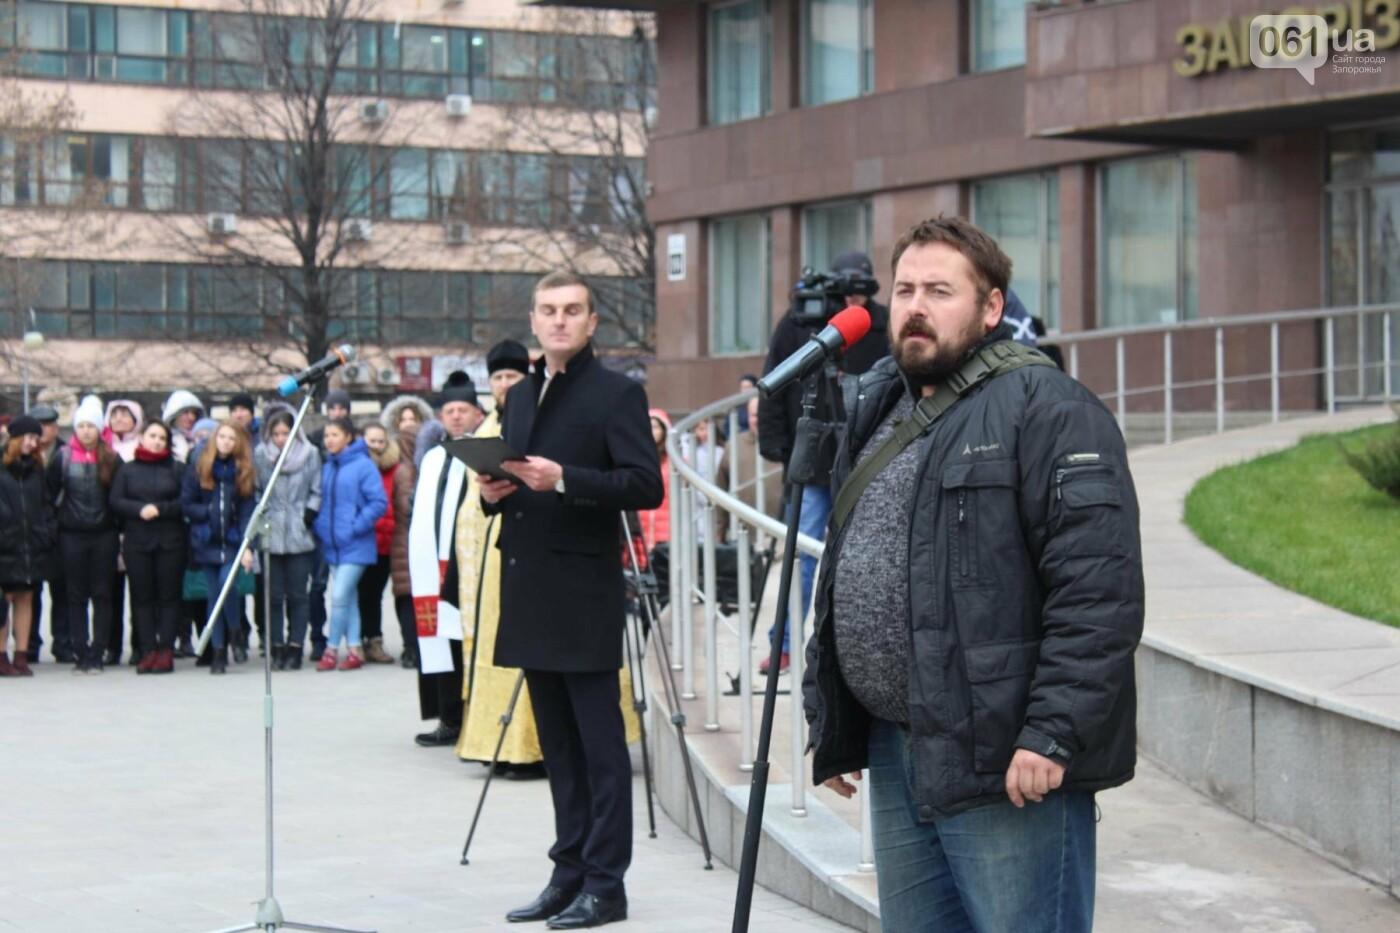 В Запорожье на митинге возле ОГА отметили День достоинства и свободы, — ФОТОРЕПОРТАЖ, фото-9